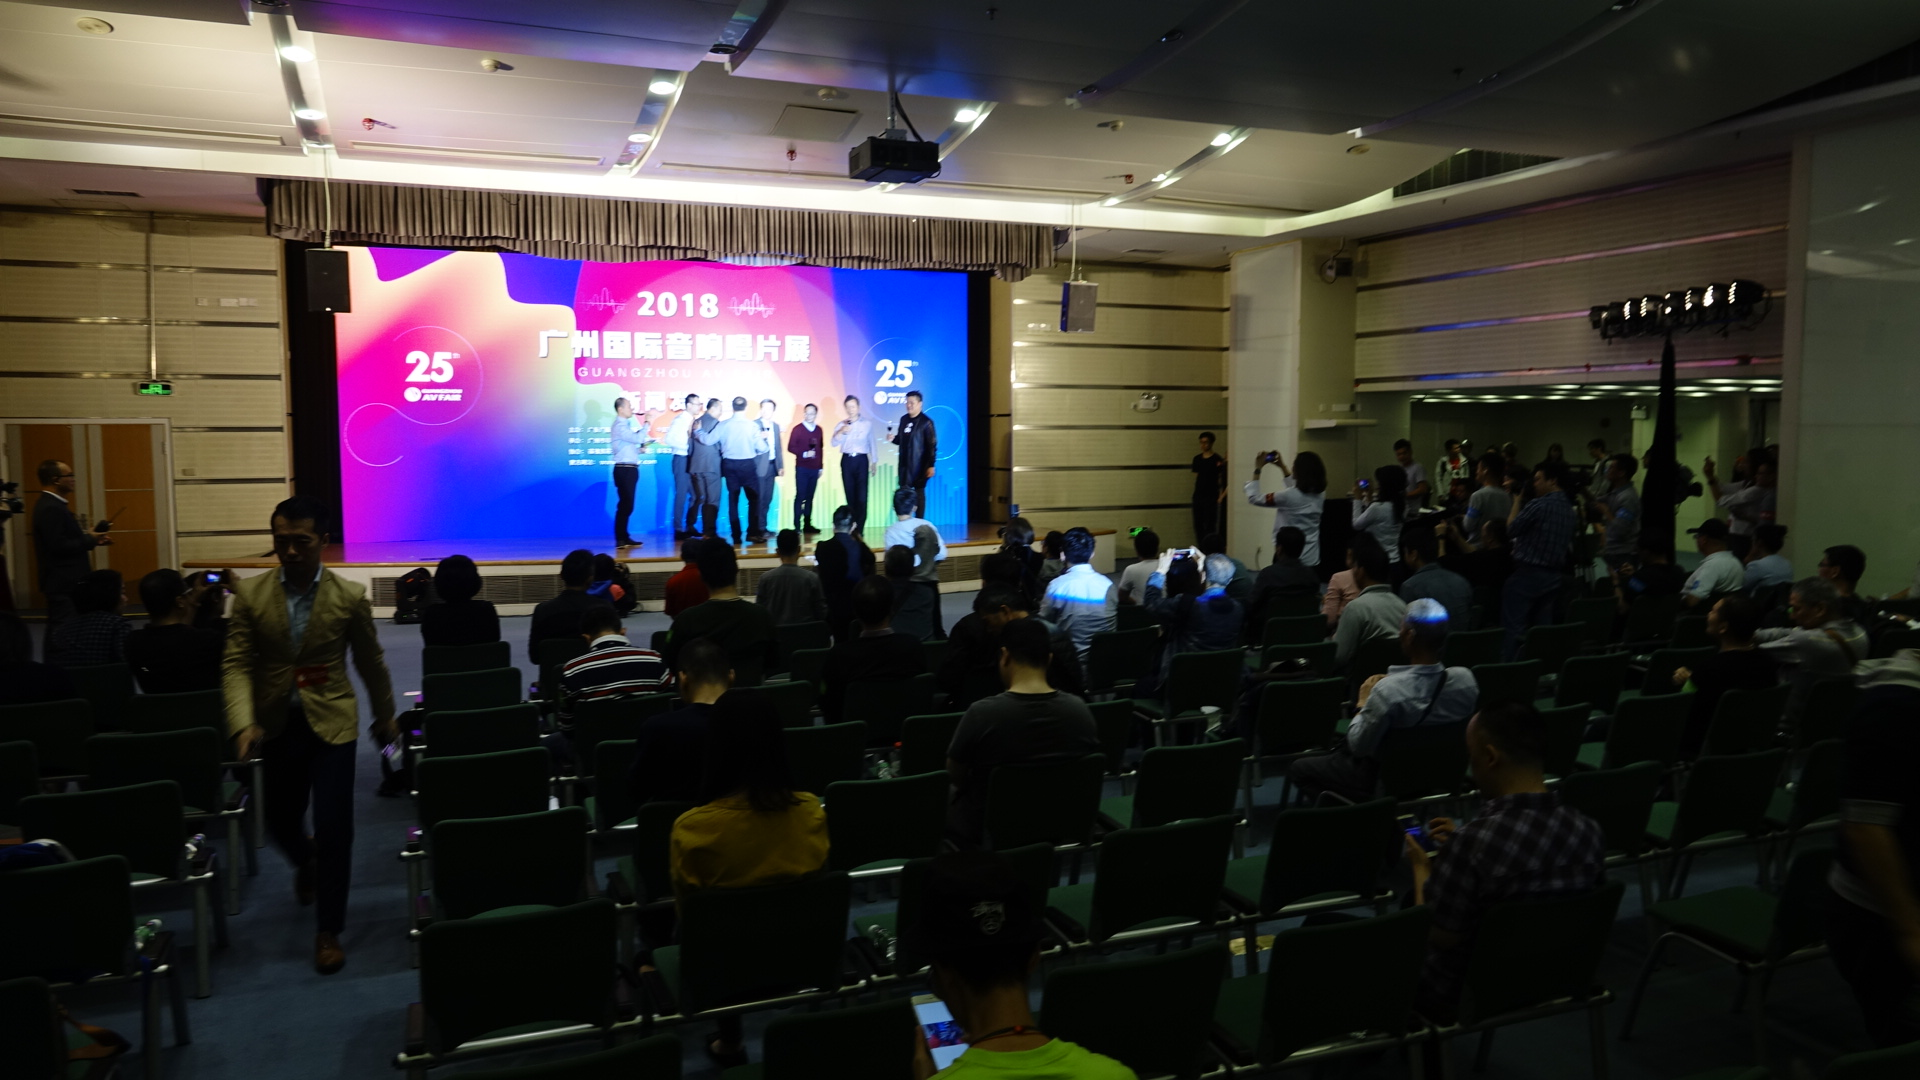 现场丨全新内容,更多惊喜!2018广州国际音响唱片展9月上演!